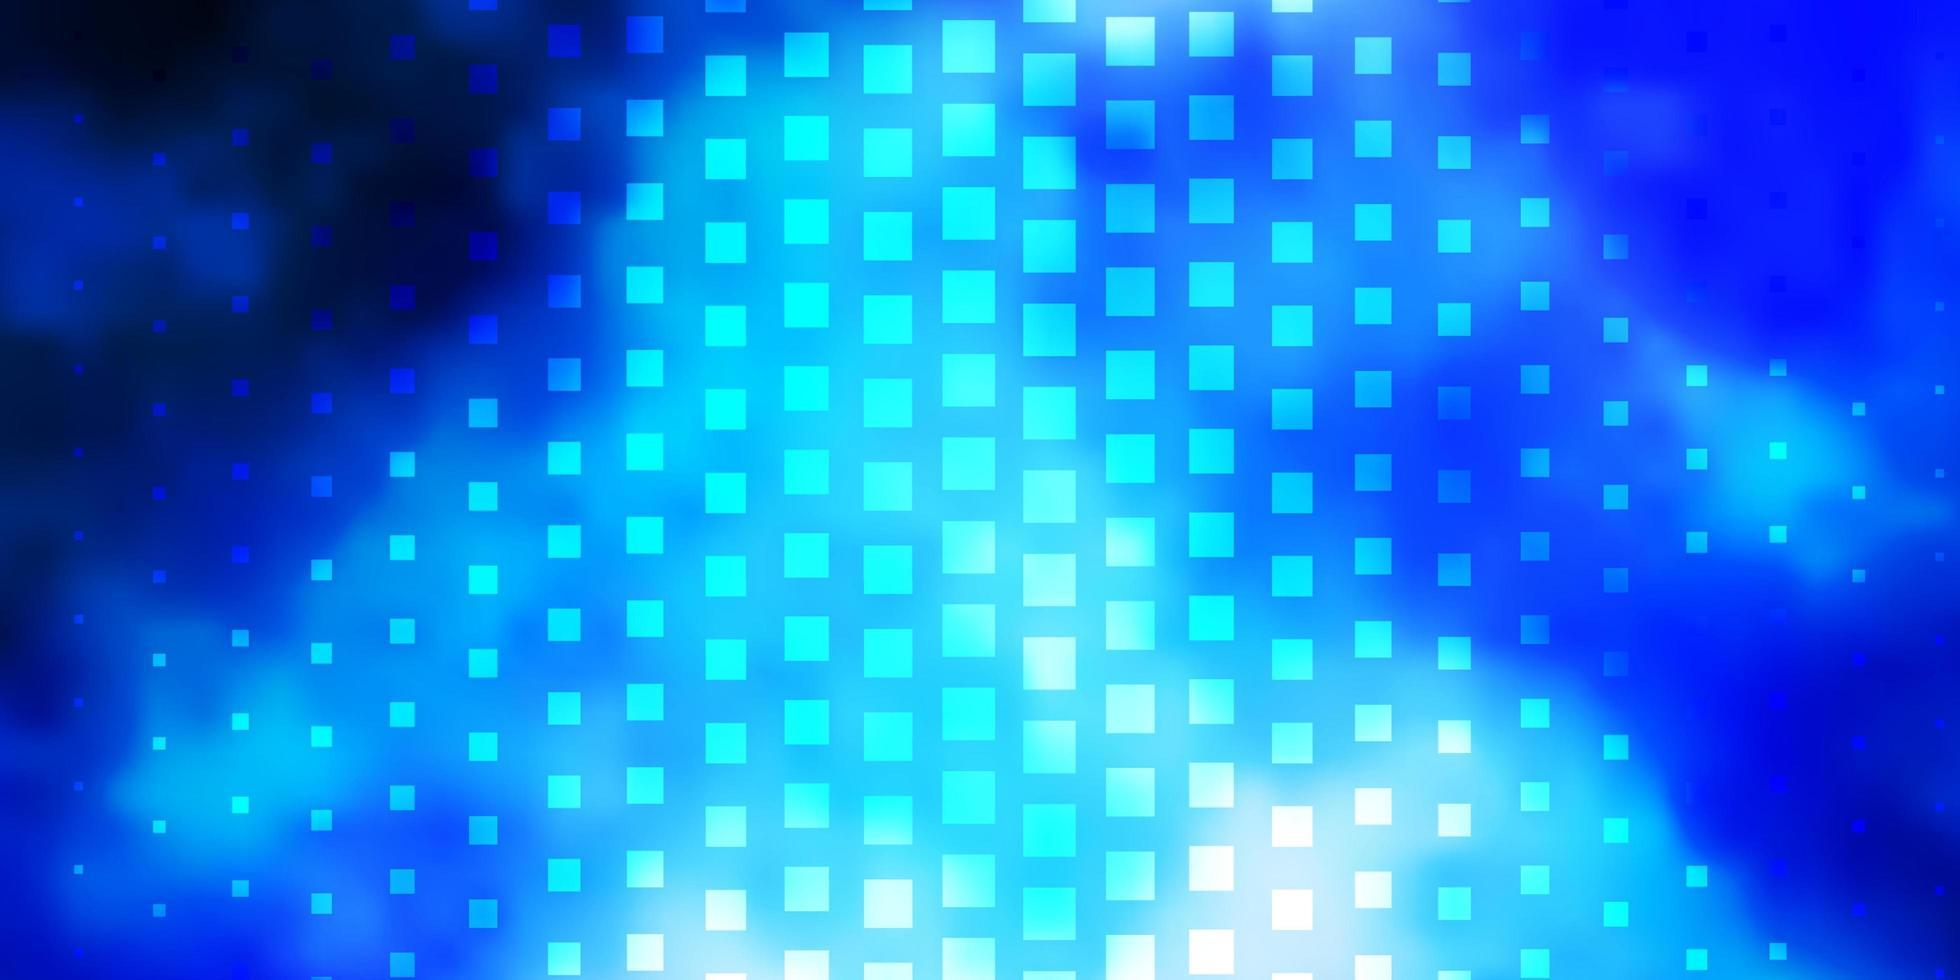 blaue Vorlage mit Rechtecken. vektor